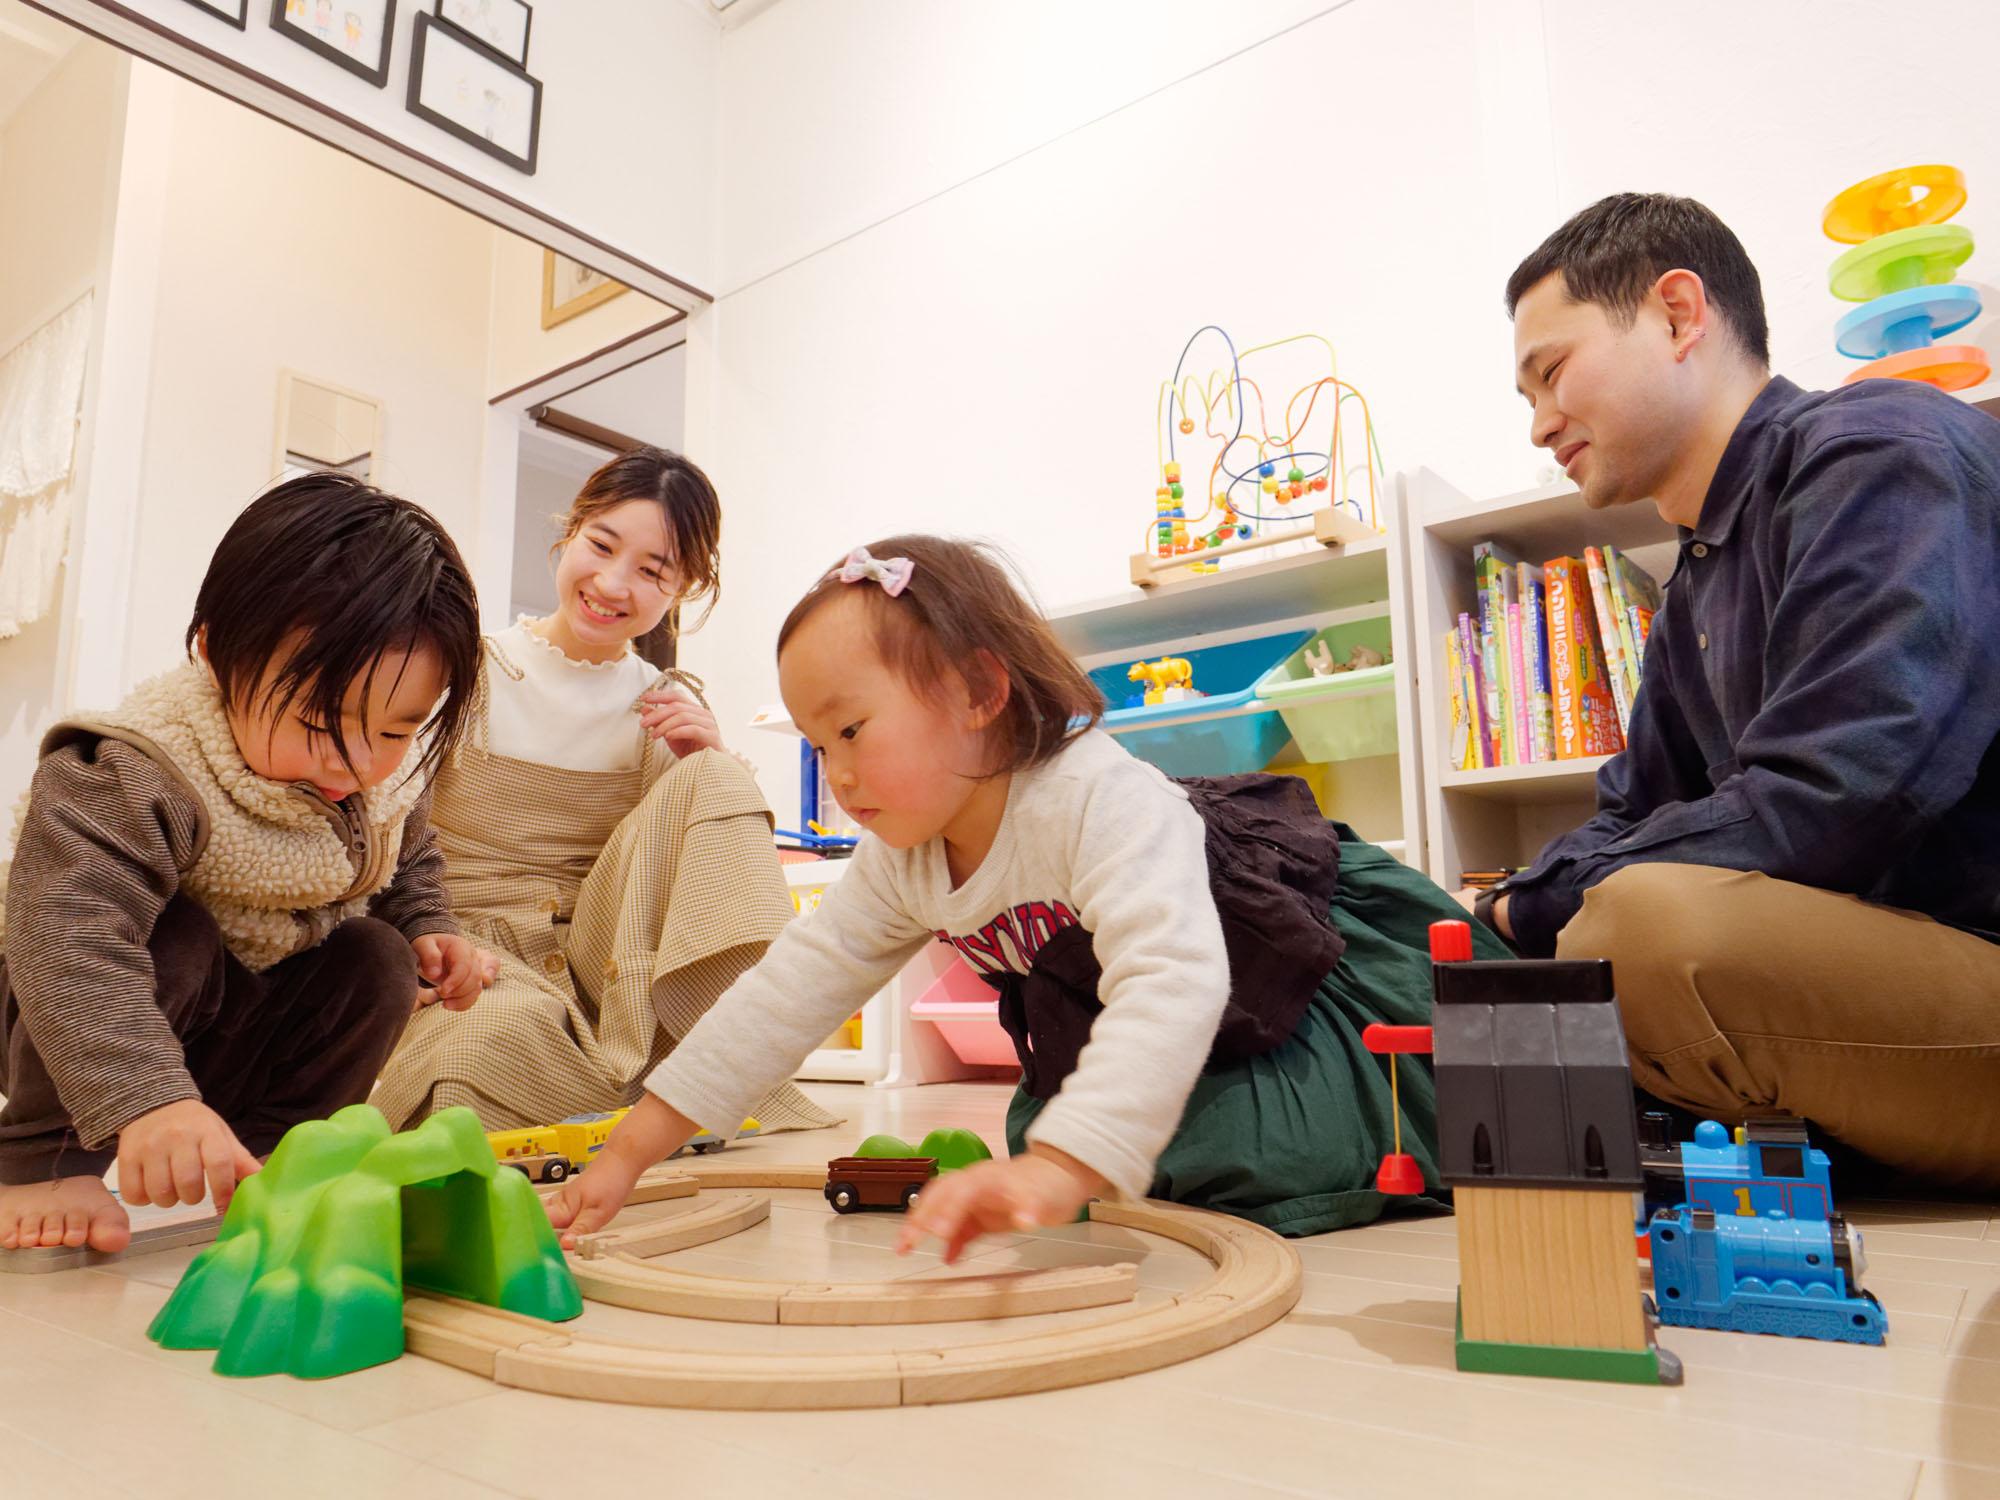 第2の自宅のような空間で、子どもたちはのびのび!ママの仕事が終わるまで飽きずに楽しく過ごせる